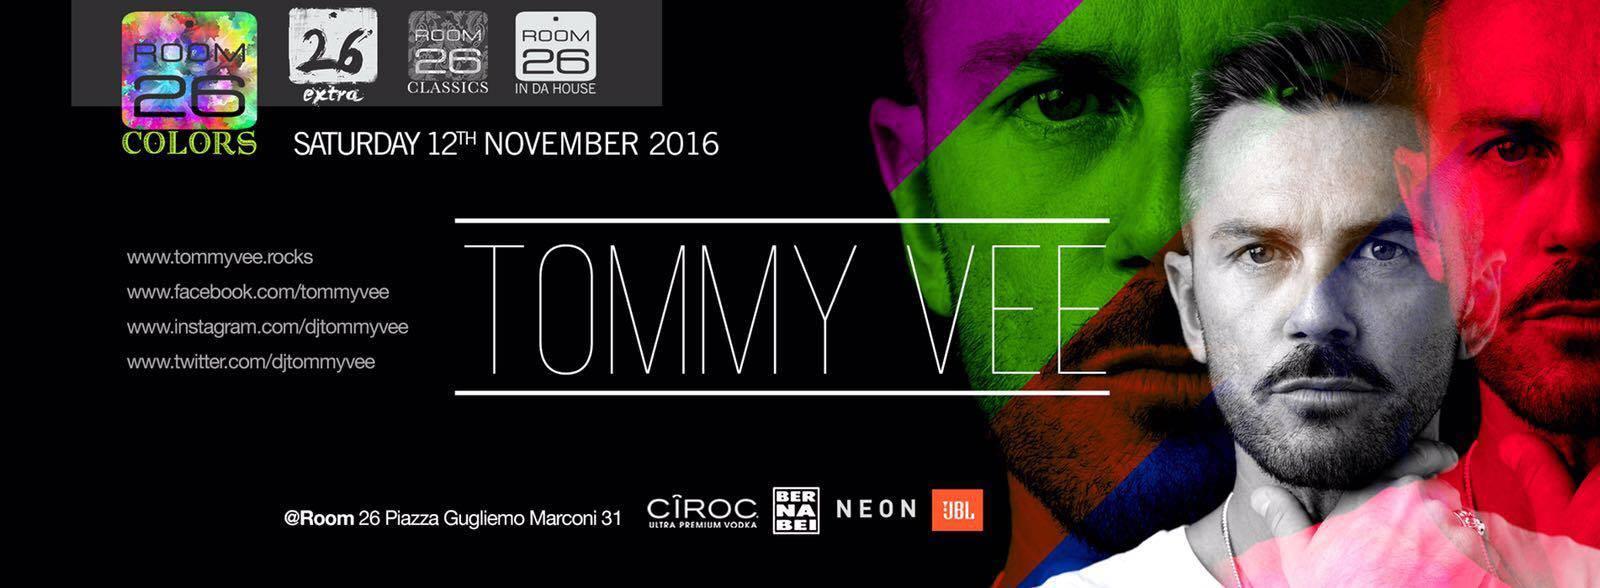 Tommy Vee dj Room 26 Eur Roma sabato 12.11.16